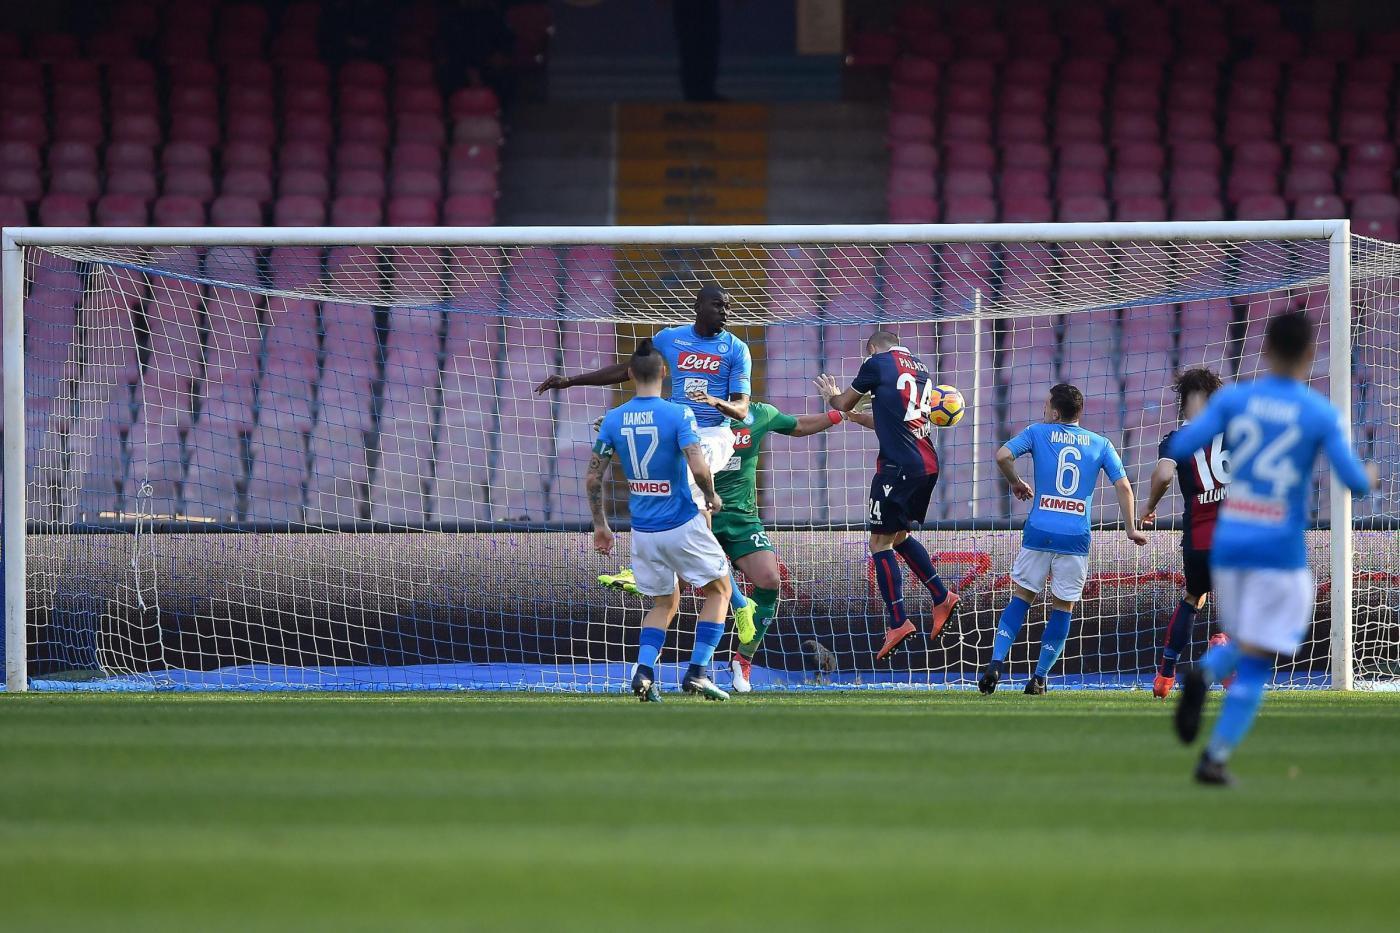 Continua inarrestabile la marcia di Maurizio Sarri: al San Paolo, il Napoli batte 3-1 il Bologna nella 22.a giornata e si riporta al primo posto in classifica a +1 sulla Juventus. Rossoblu in vantaggio con Palacio dopo 25 secondi, ma un'autogol di Mbaye riporta subito in parità la partita. Al 37' il vantaggio di Mertens su rigore (leggero tocco di Masina su Callejon), poi sempre il belga chiude i conti al 59' con una gemma dal limite.<br /><br />